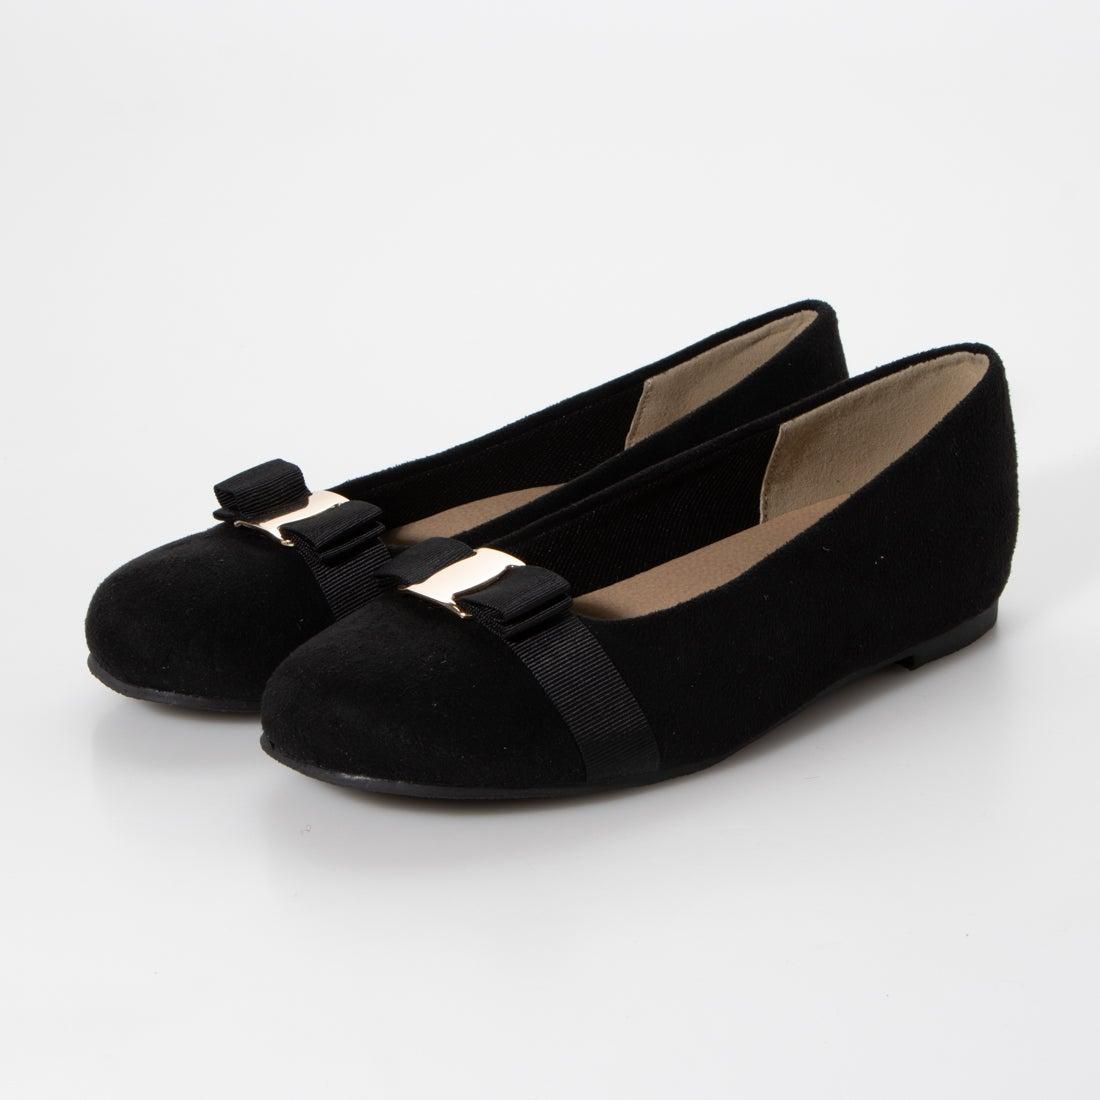 ロコンド 靴とファッションの通販サイトセスト SESTO ふわふわクッションのリボンつきパンプス (ブラック)